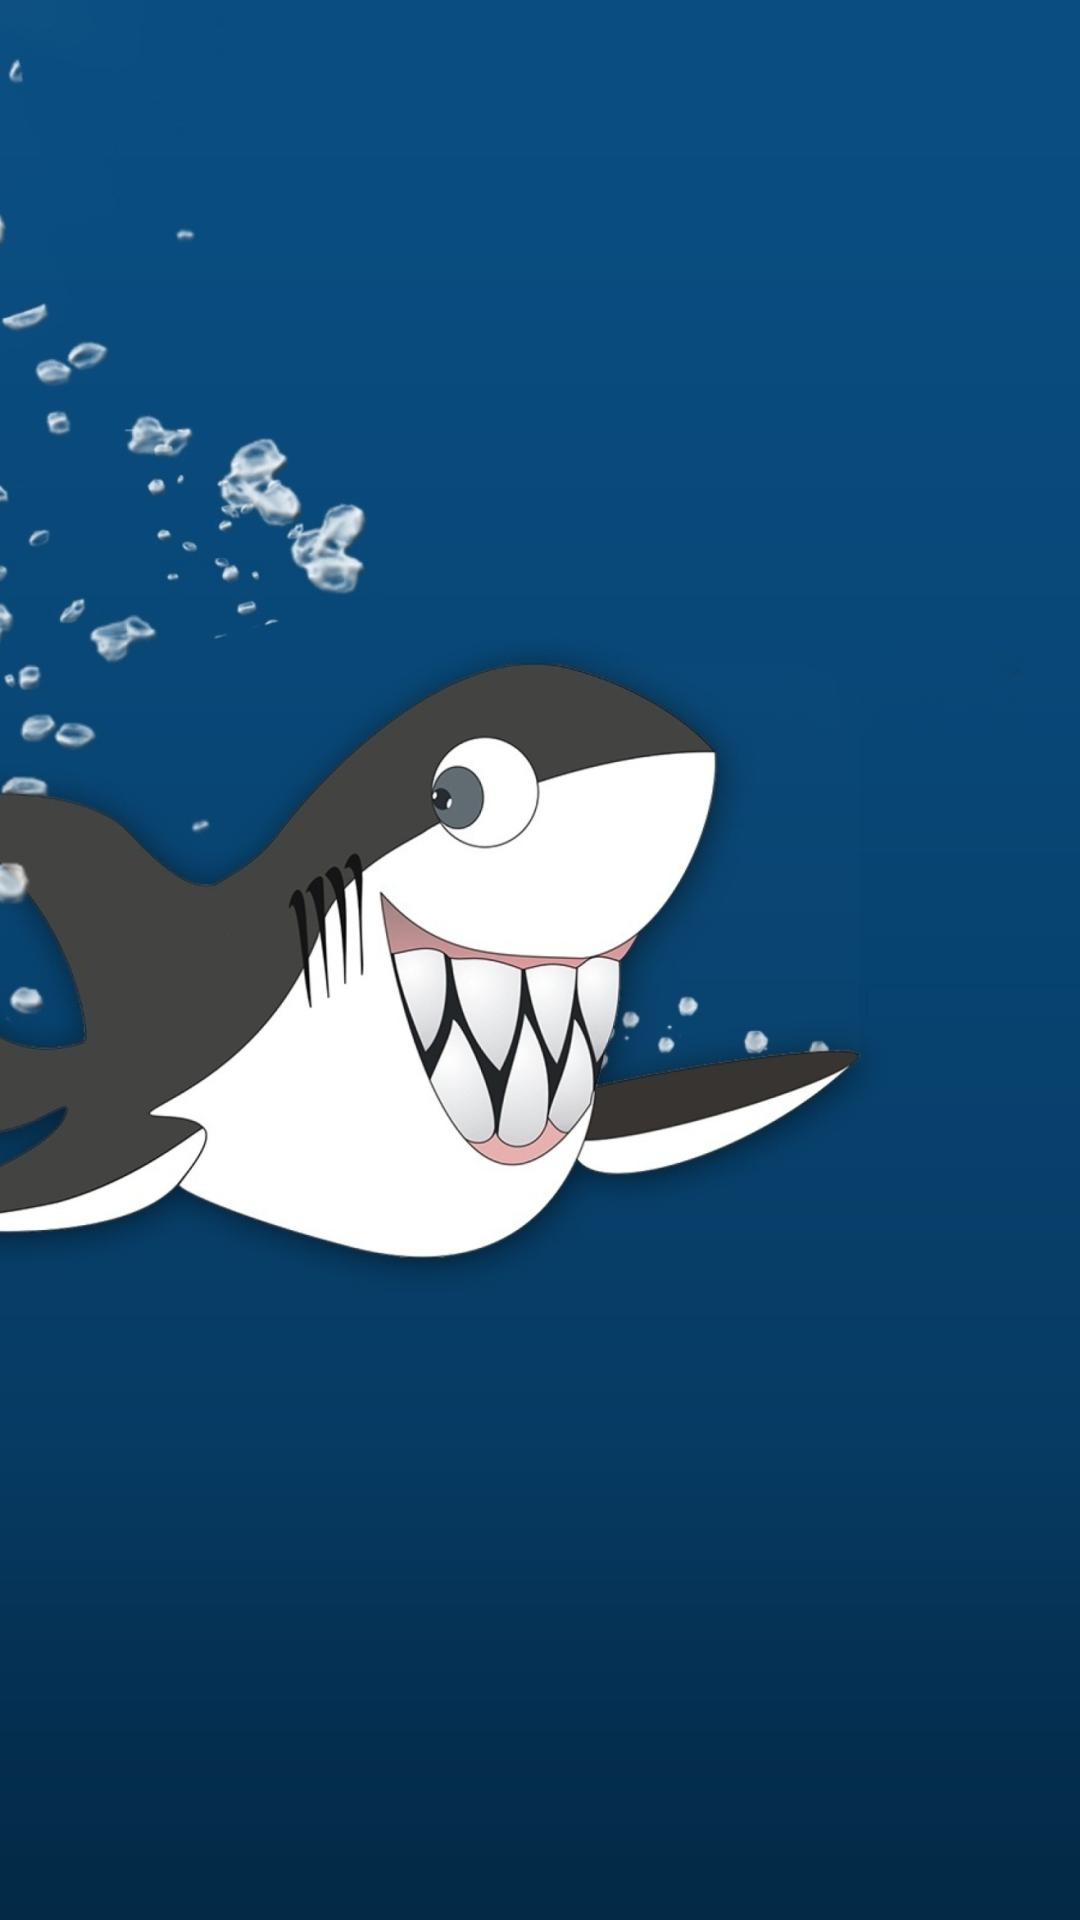 Прикольные картинки про акулу, картинки прикольные